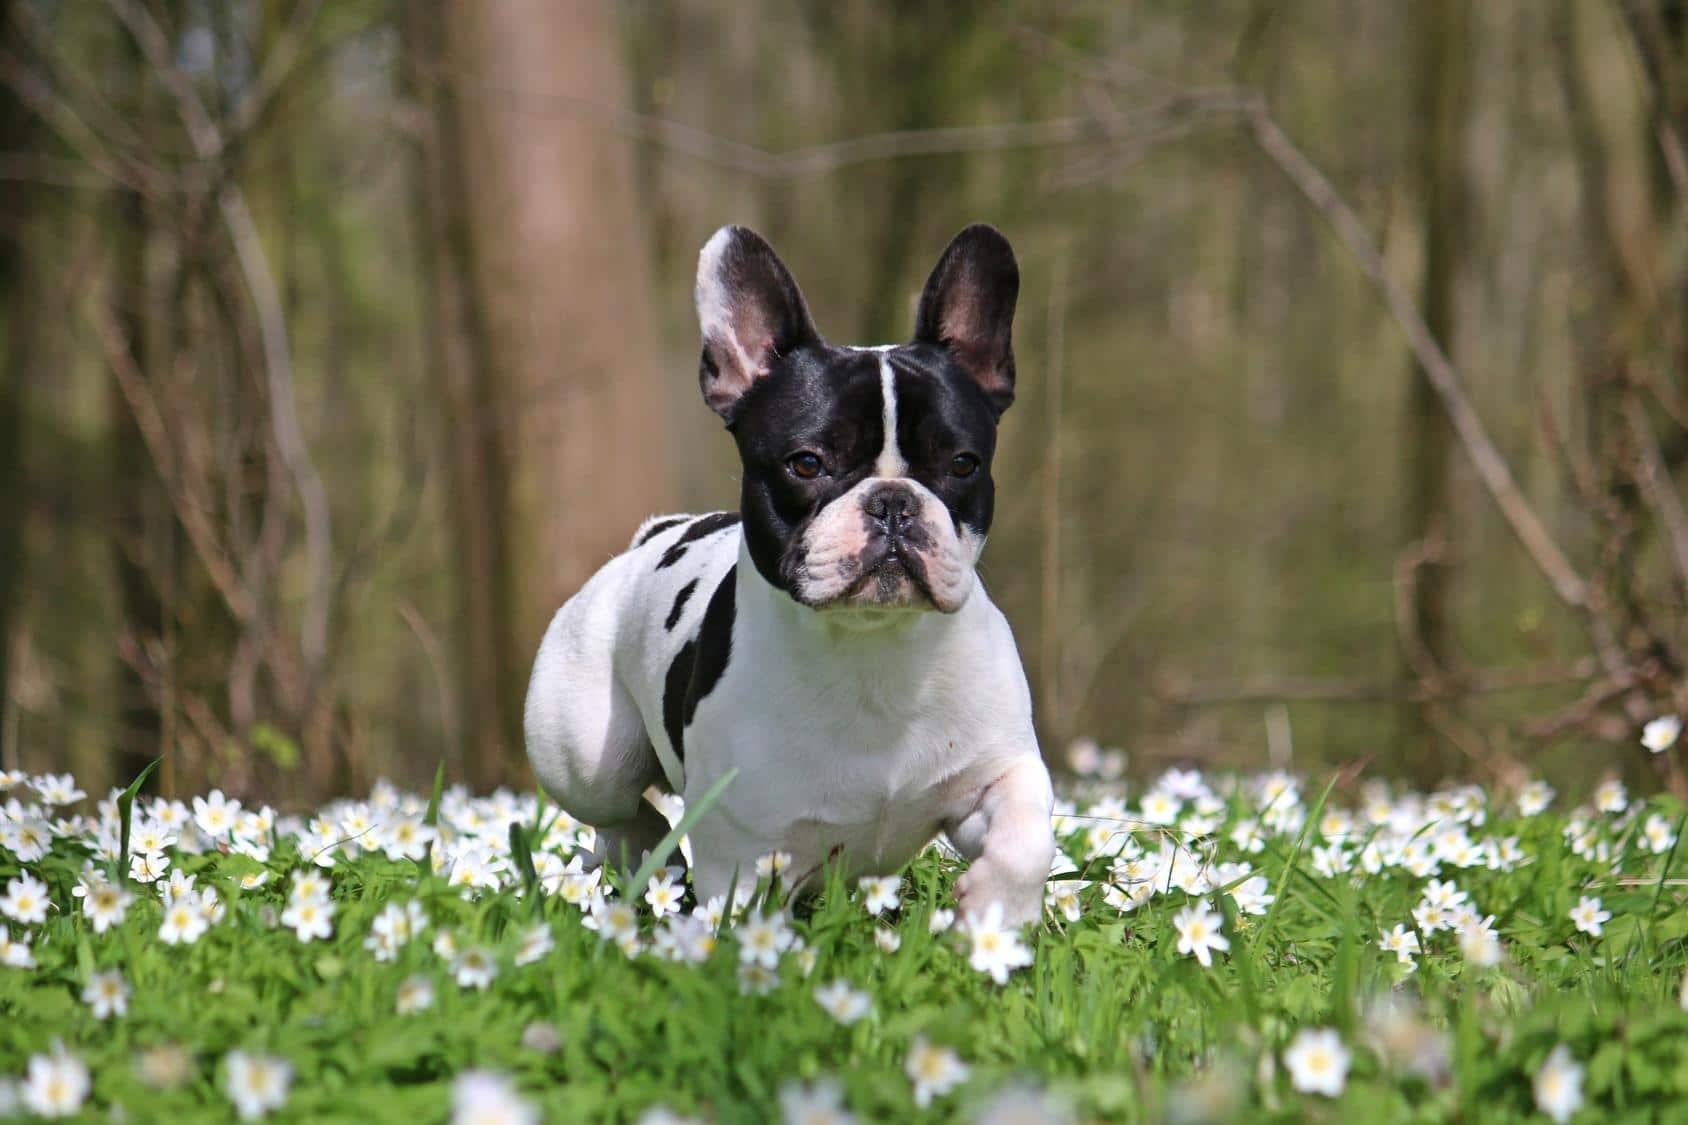 Wie kann ich meine Französische Bulldogge ohne Leine laufen lassen?